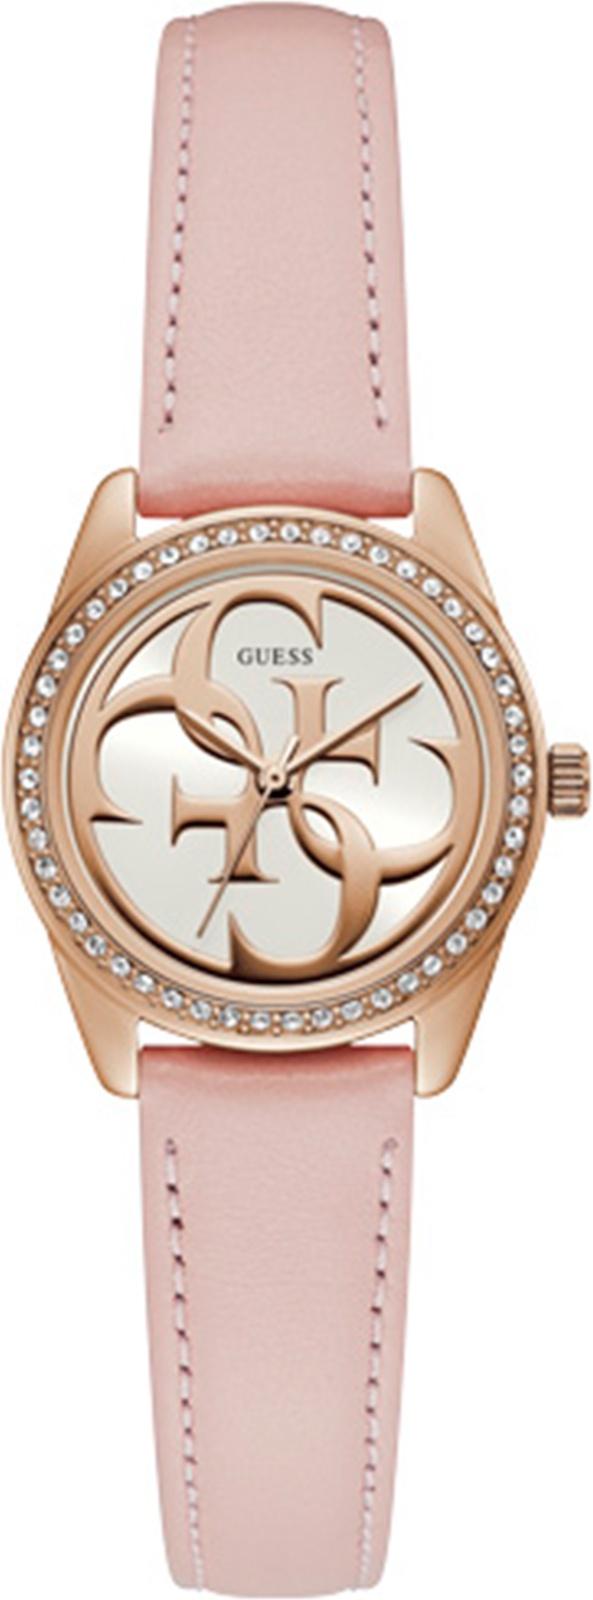 Наручные часы Guess MICRO G TWIST все цены